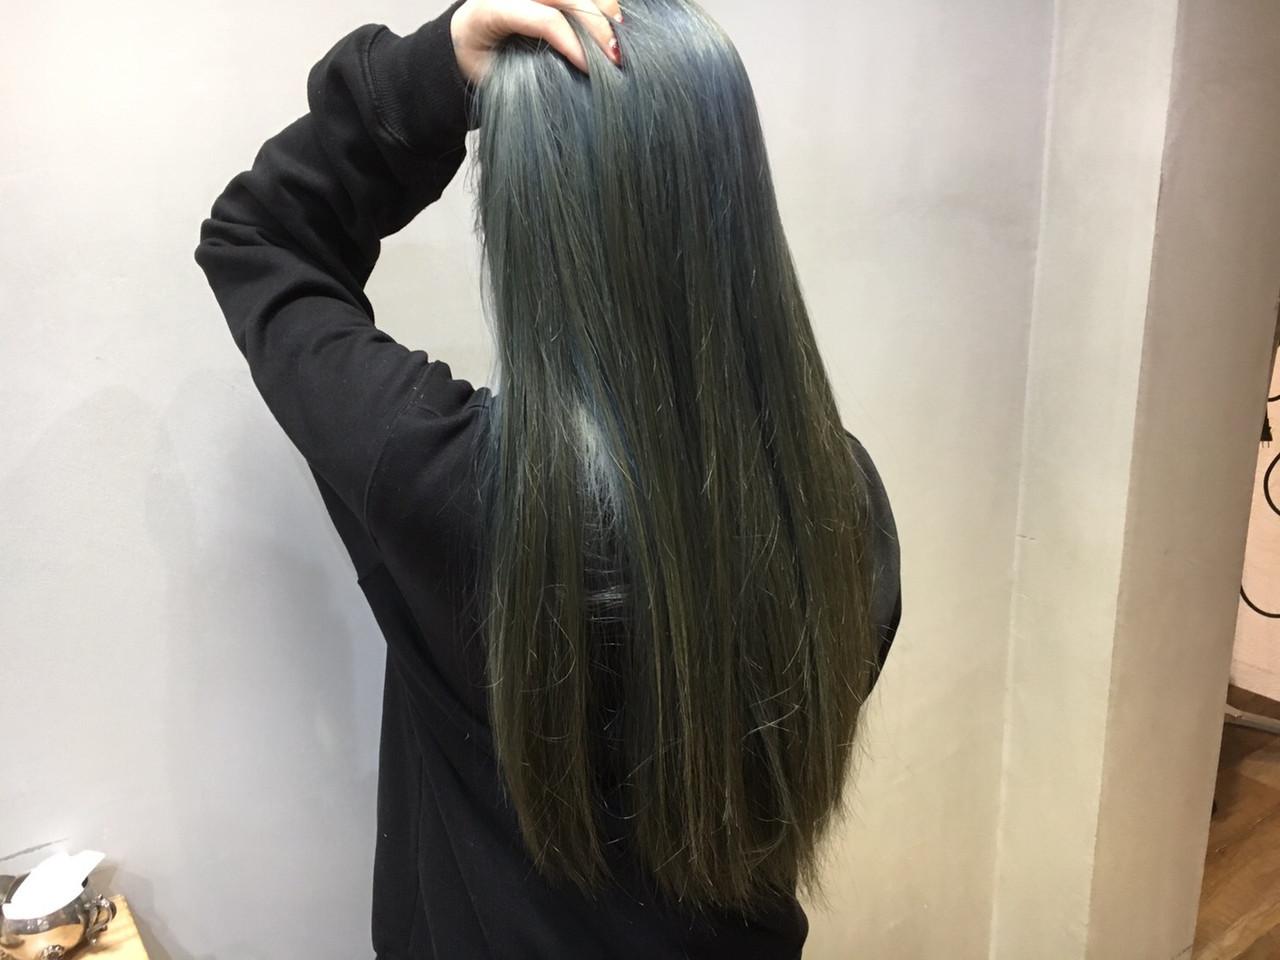 インナーカラーグレージュ ストリート ラベンダーグレージュ グレージュ ヘアスタイルや髪型の写真・画像